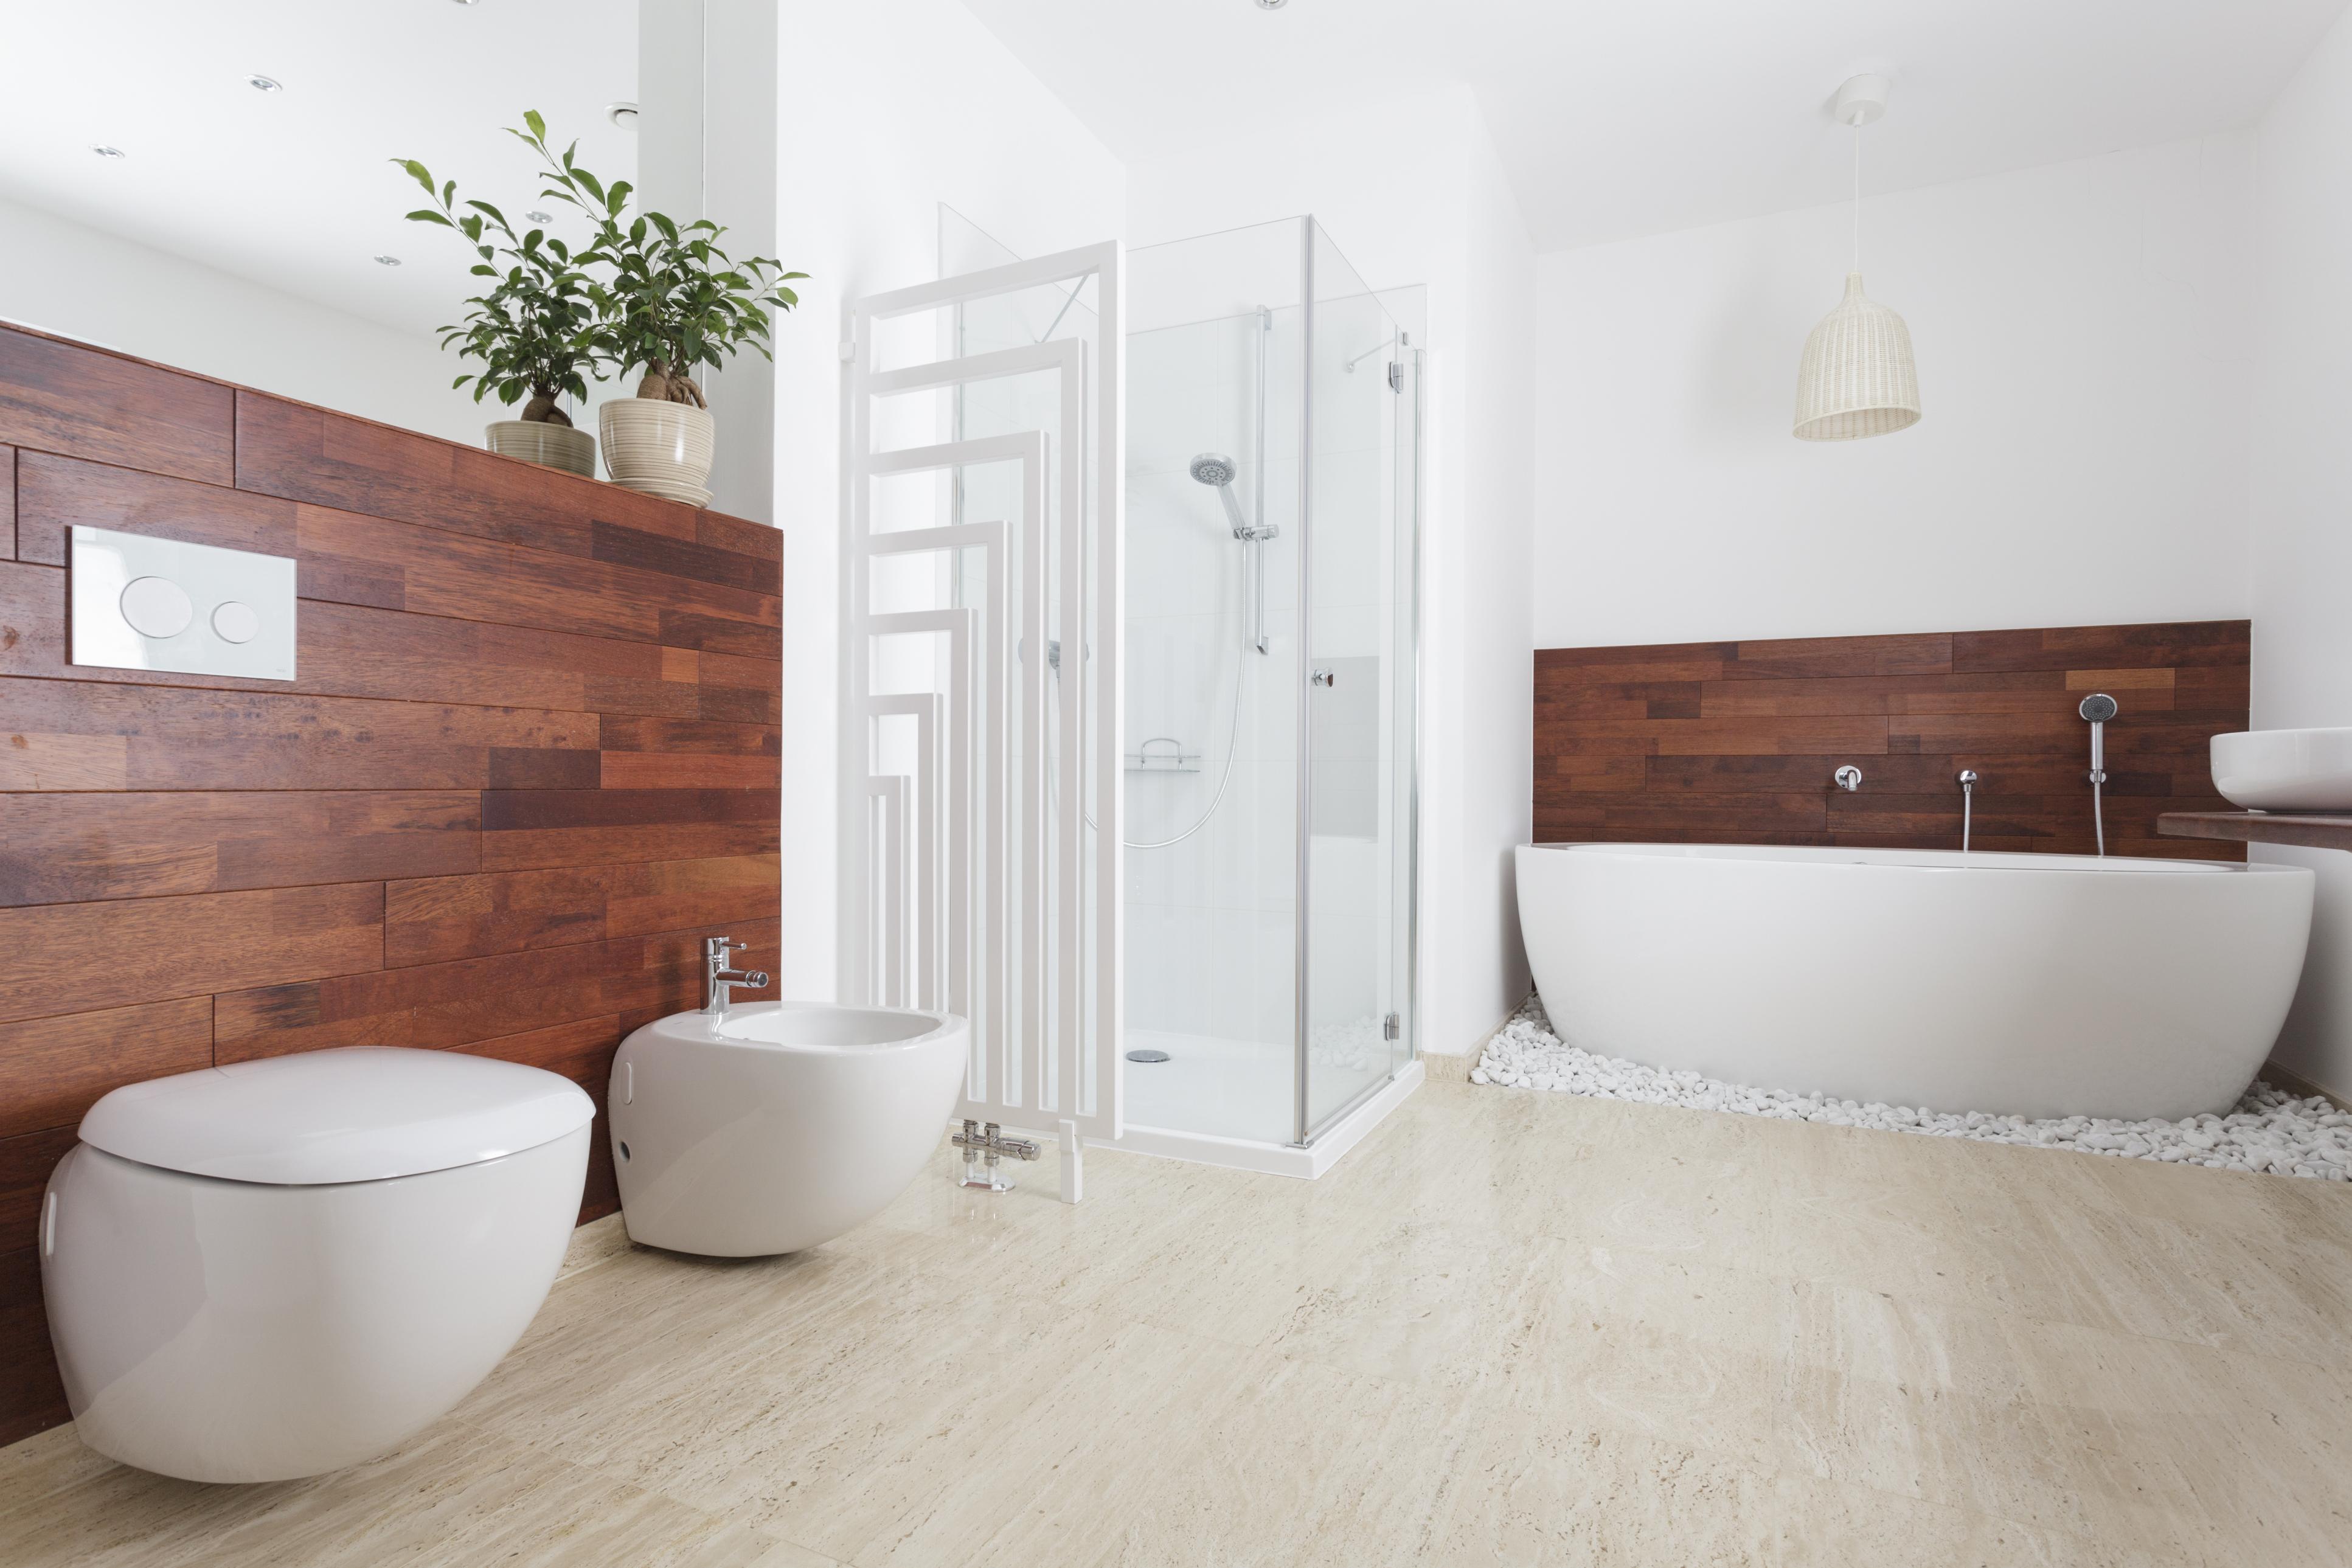 WC-Sitz montieren in 4 Schritten